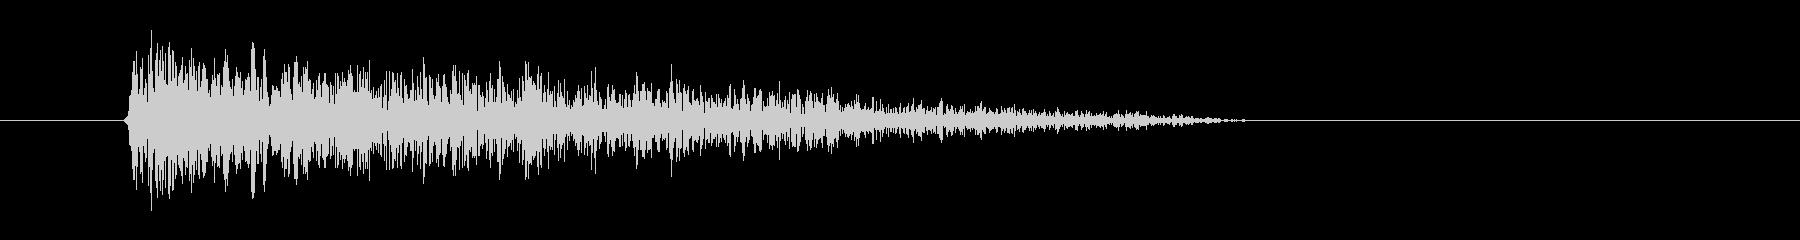 レーザー音-37-3の未再生の波形